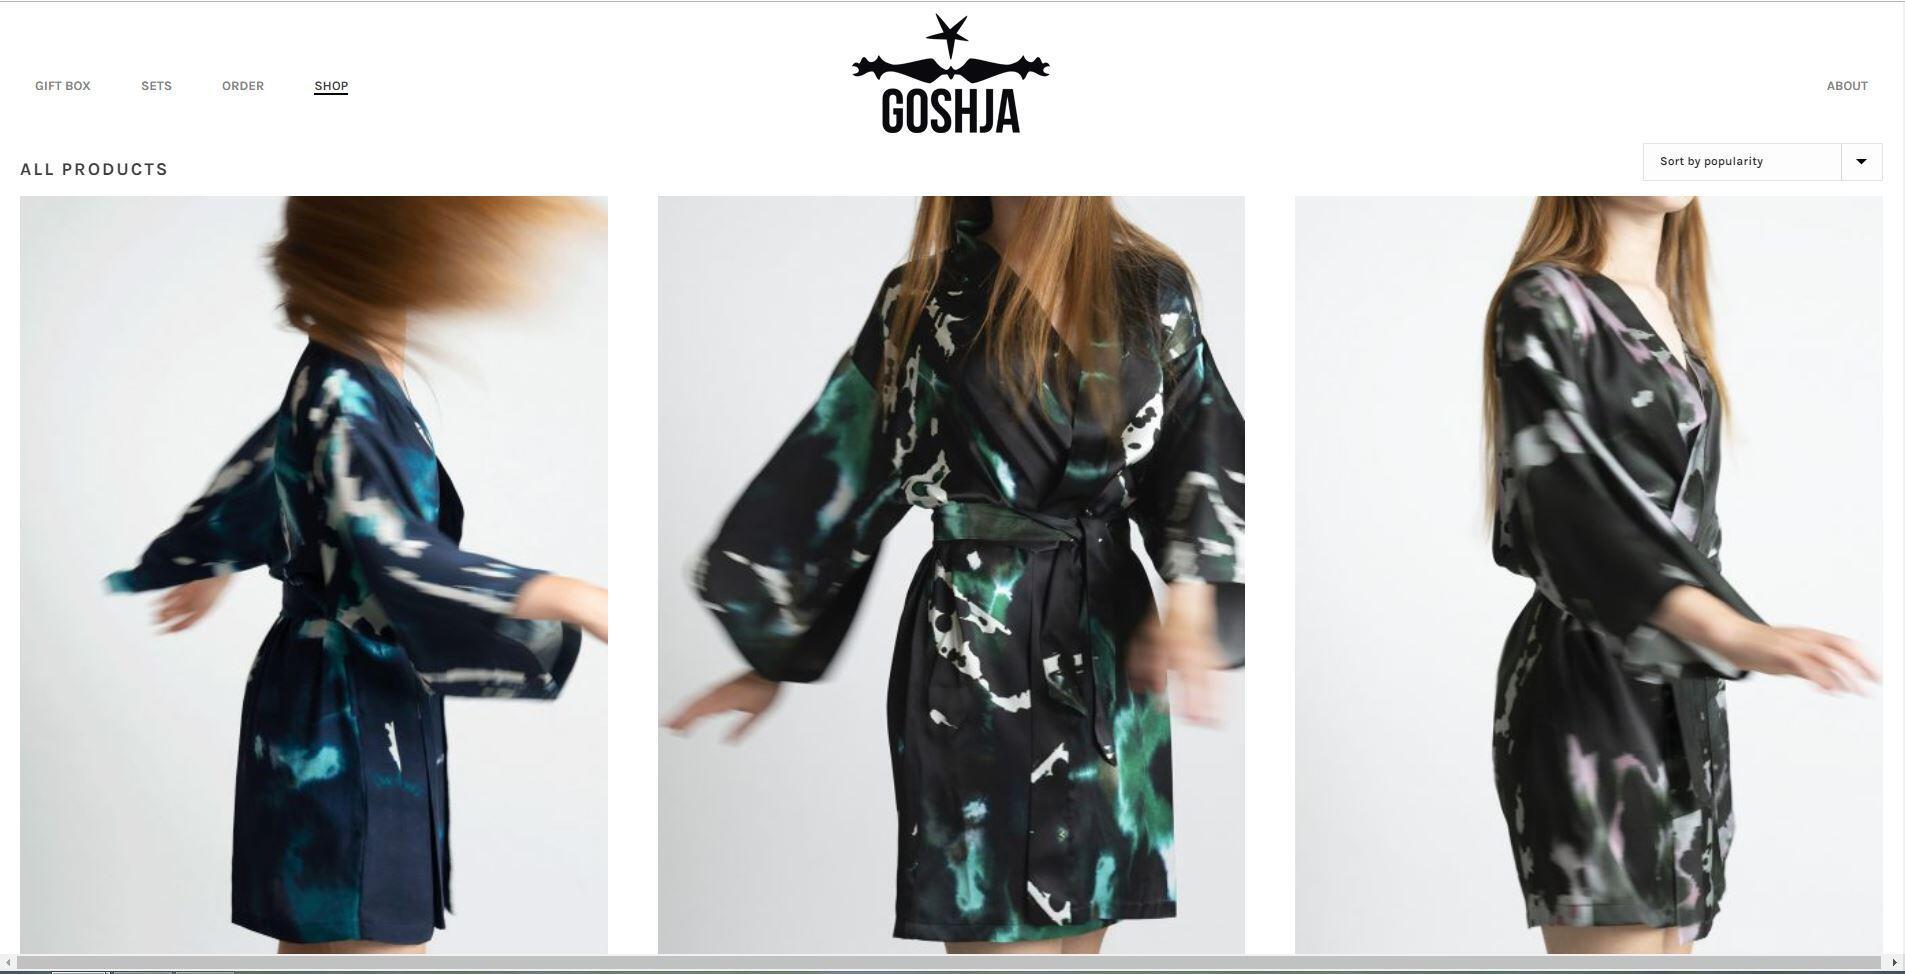 Webshop voor luxe kleding